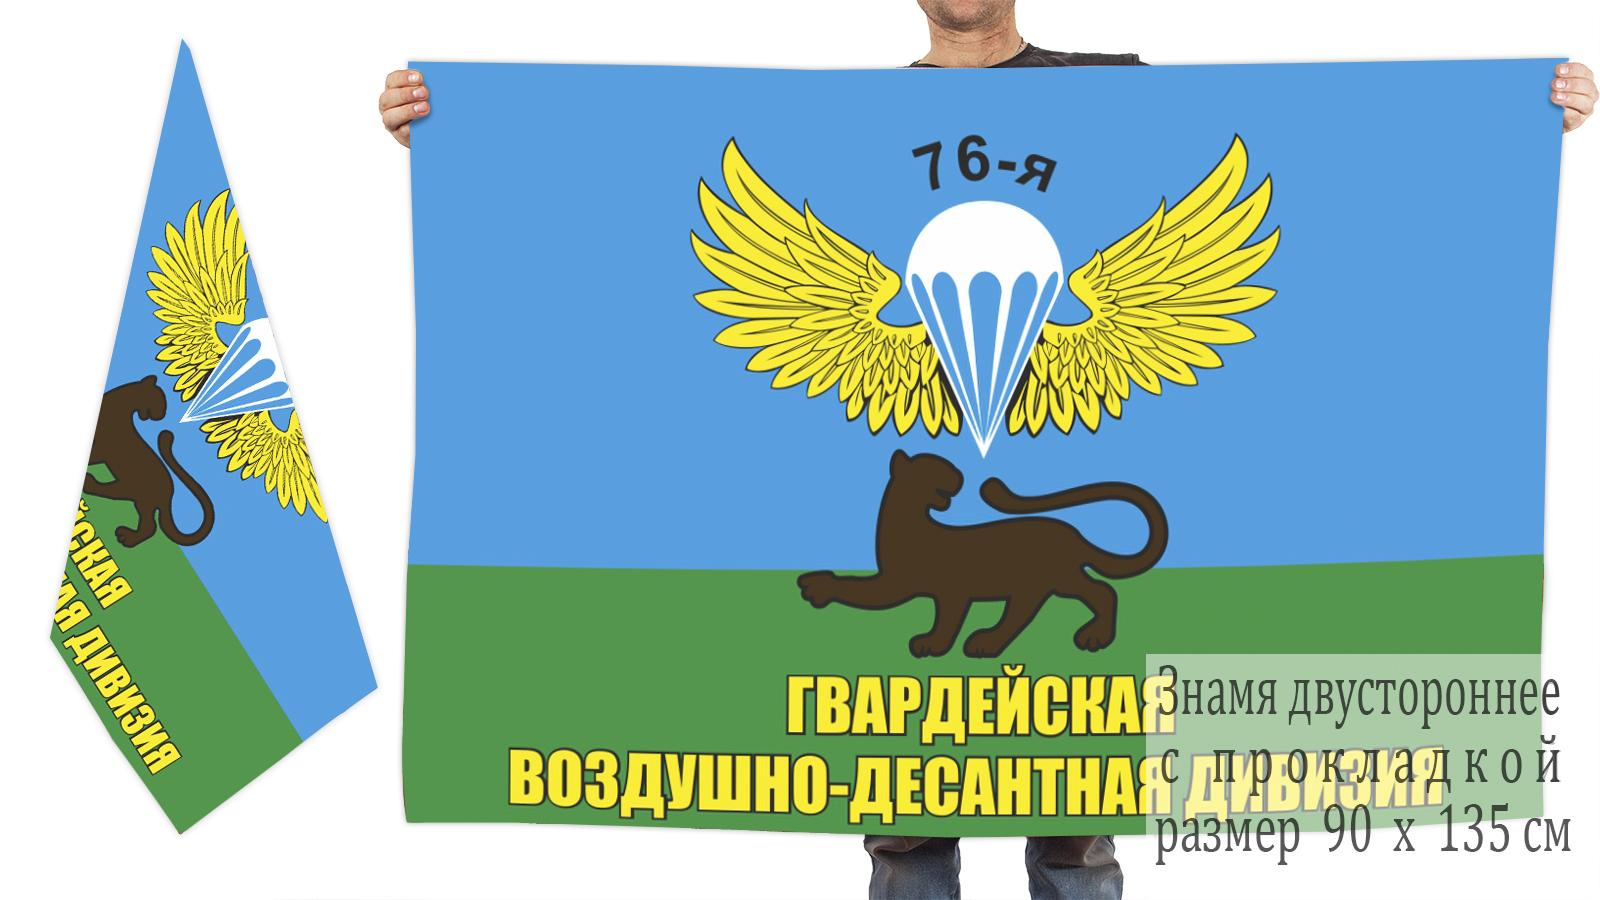 Купить в интернет магазине флаг 76-ой Гвардейской воздушно-десантной дивизии